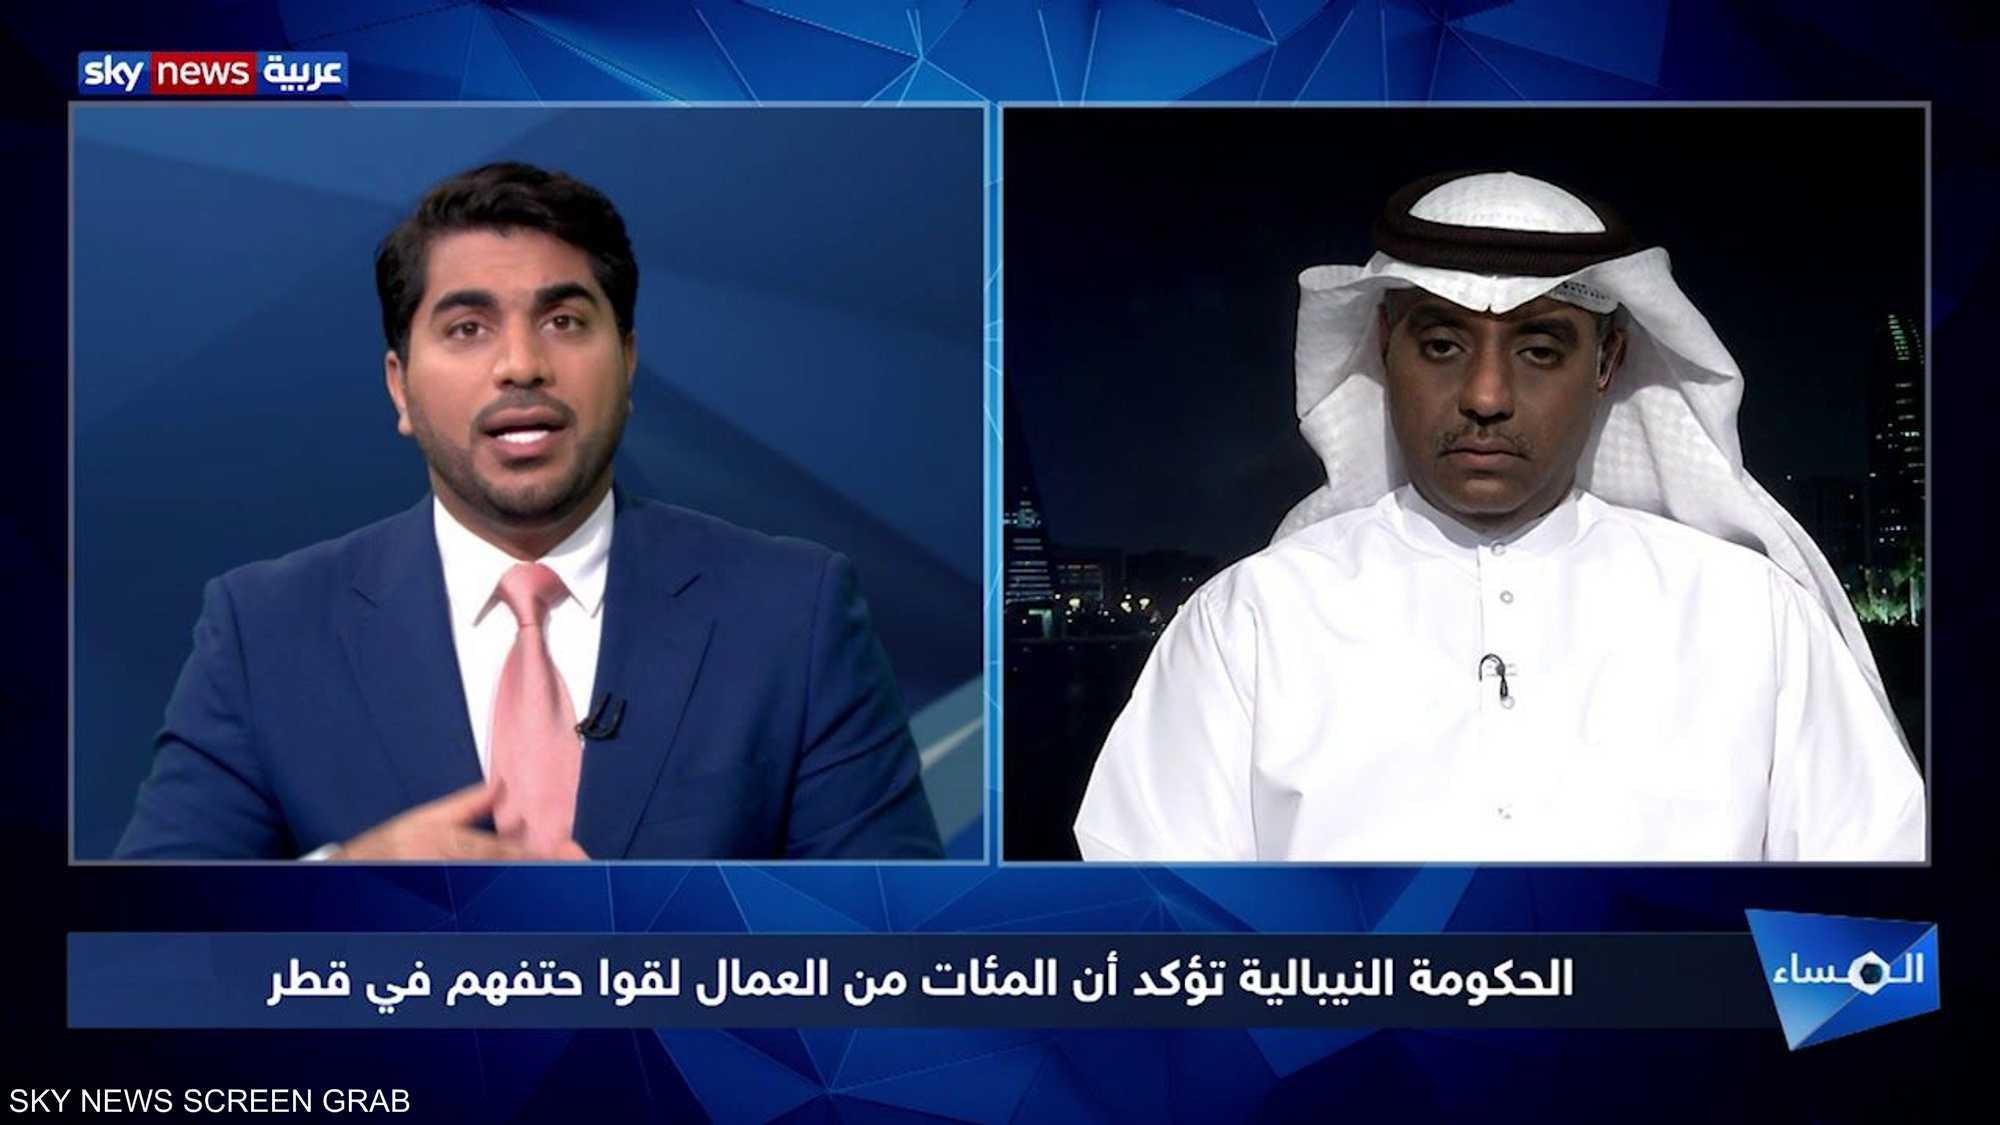 معاناة العمالة الأجنبية في قطر تعود إلى الواجهة